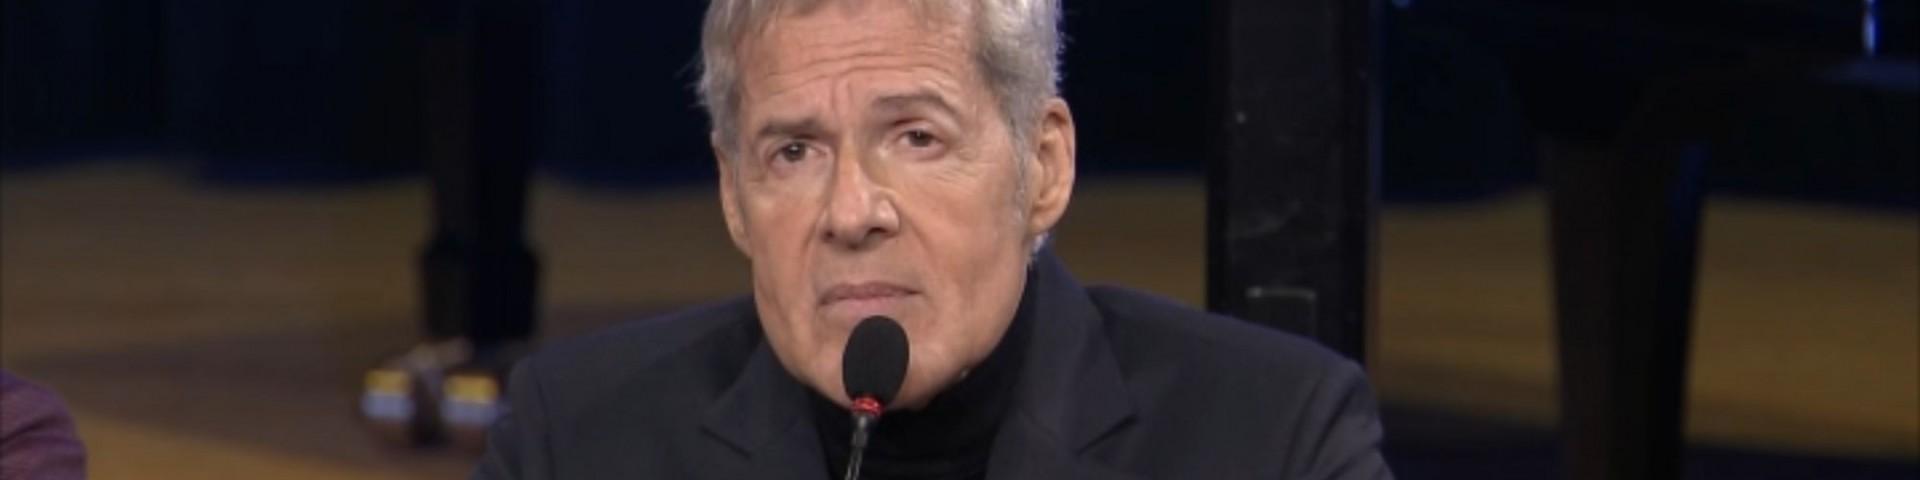 """Sanremo 2019, Claudio Baglioni sull'esclusione di Pierdavide Carone: """"Nessuna censura"""""""